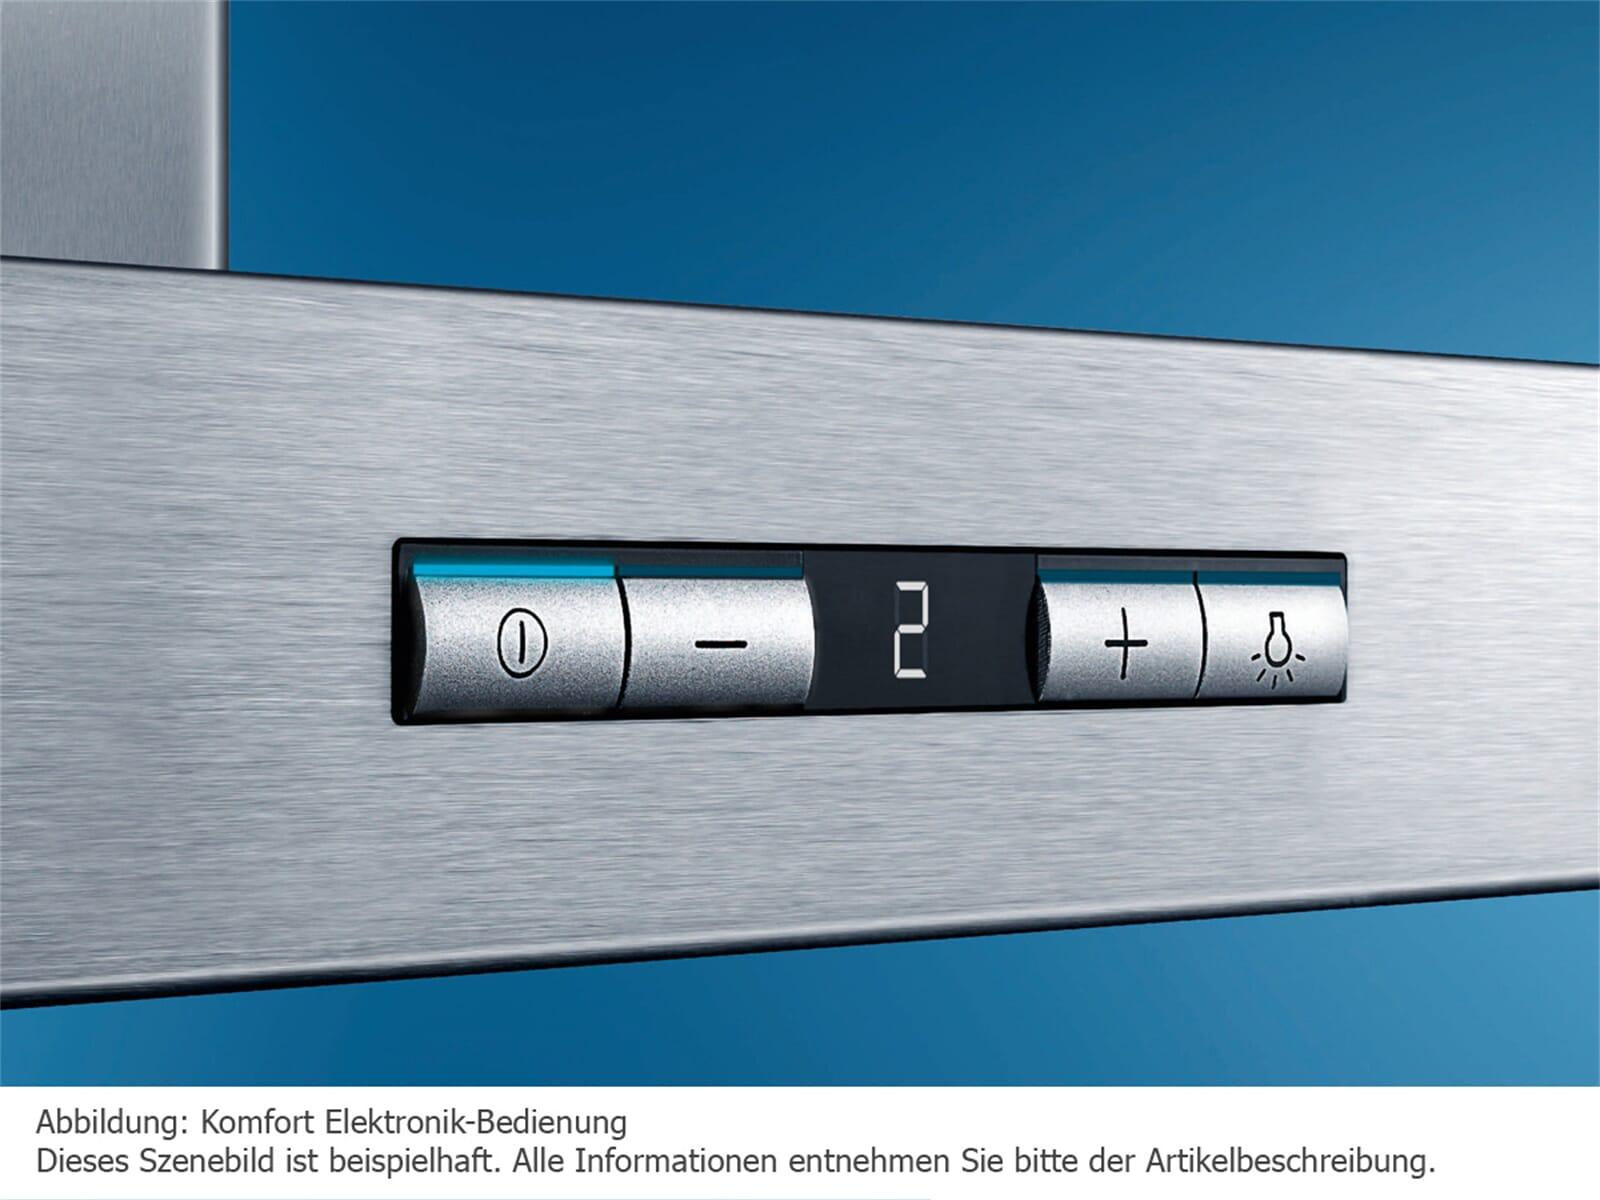 Siemens dunstabzugshaube filter anzeige zurücksetzen: home connect